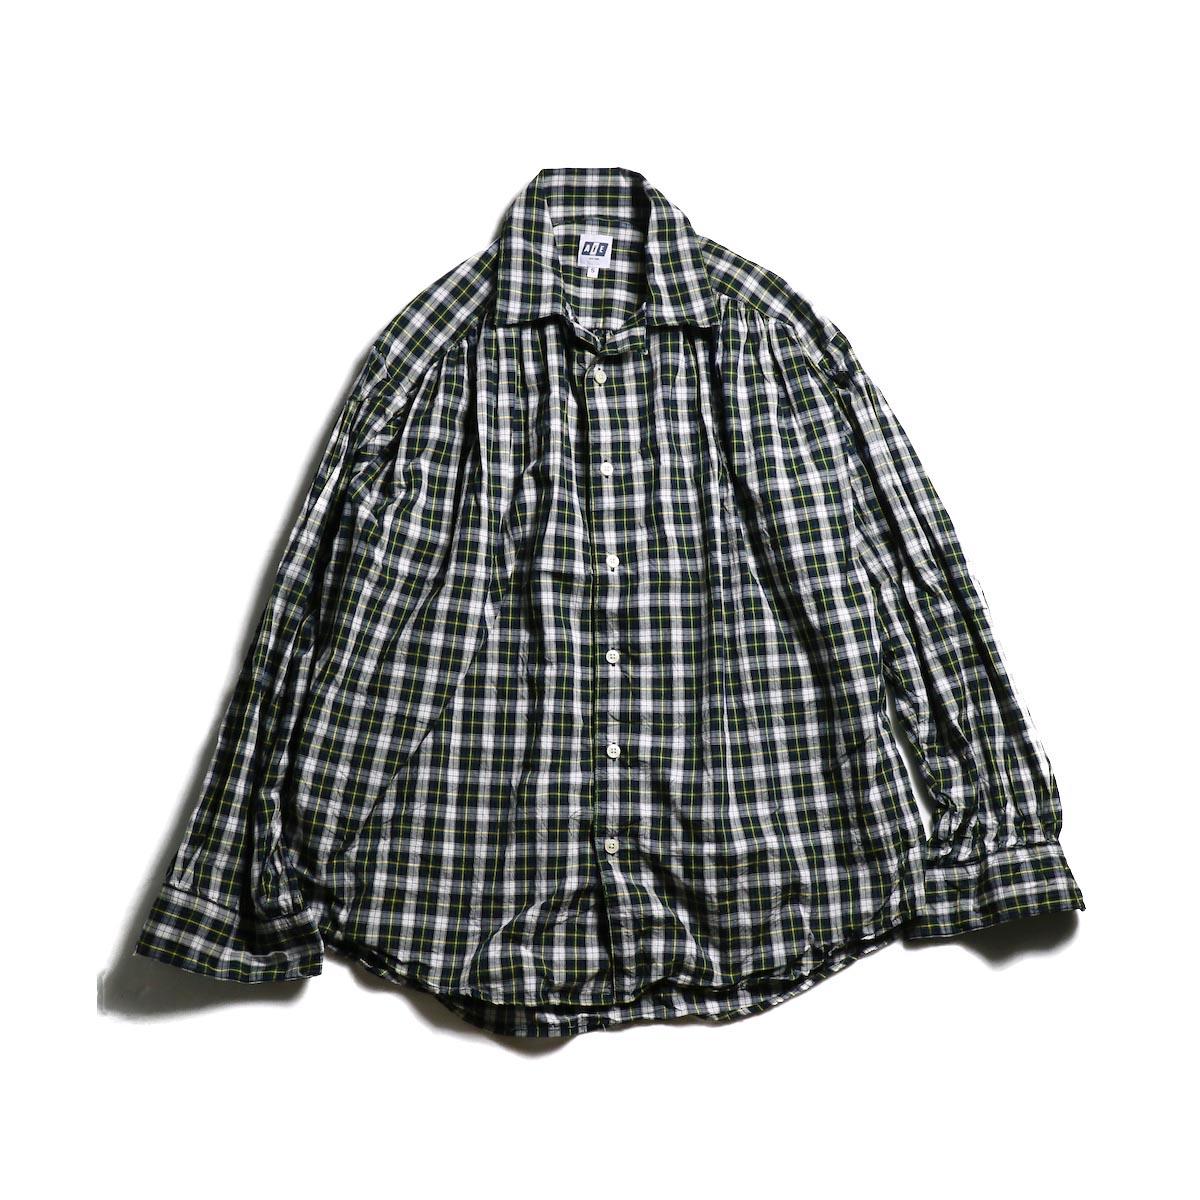 AiE / Painter Shirt - Poplin Plaid (Green/White)